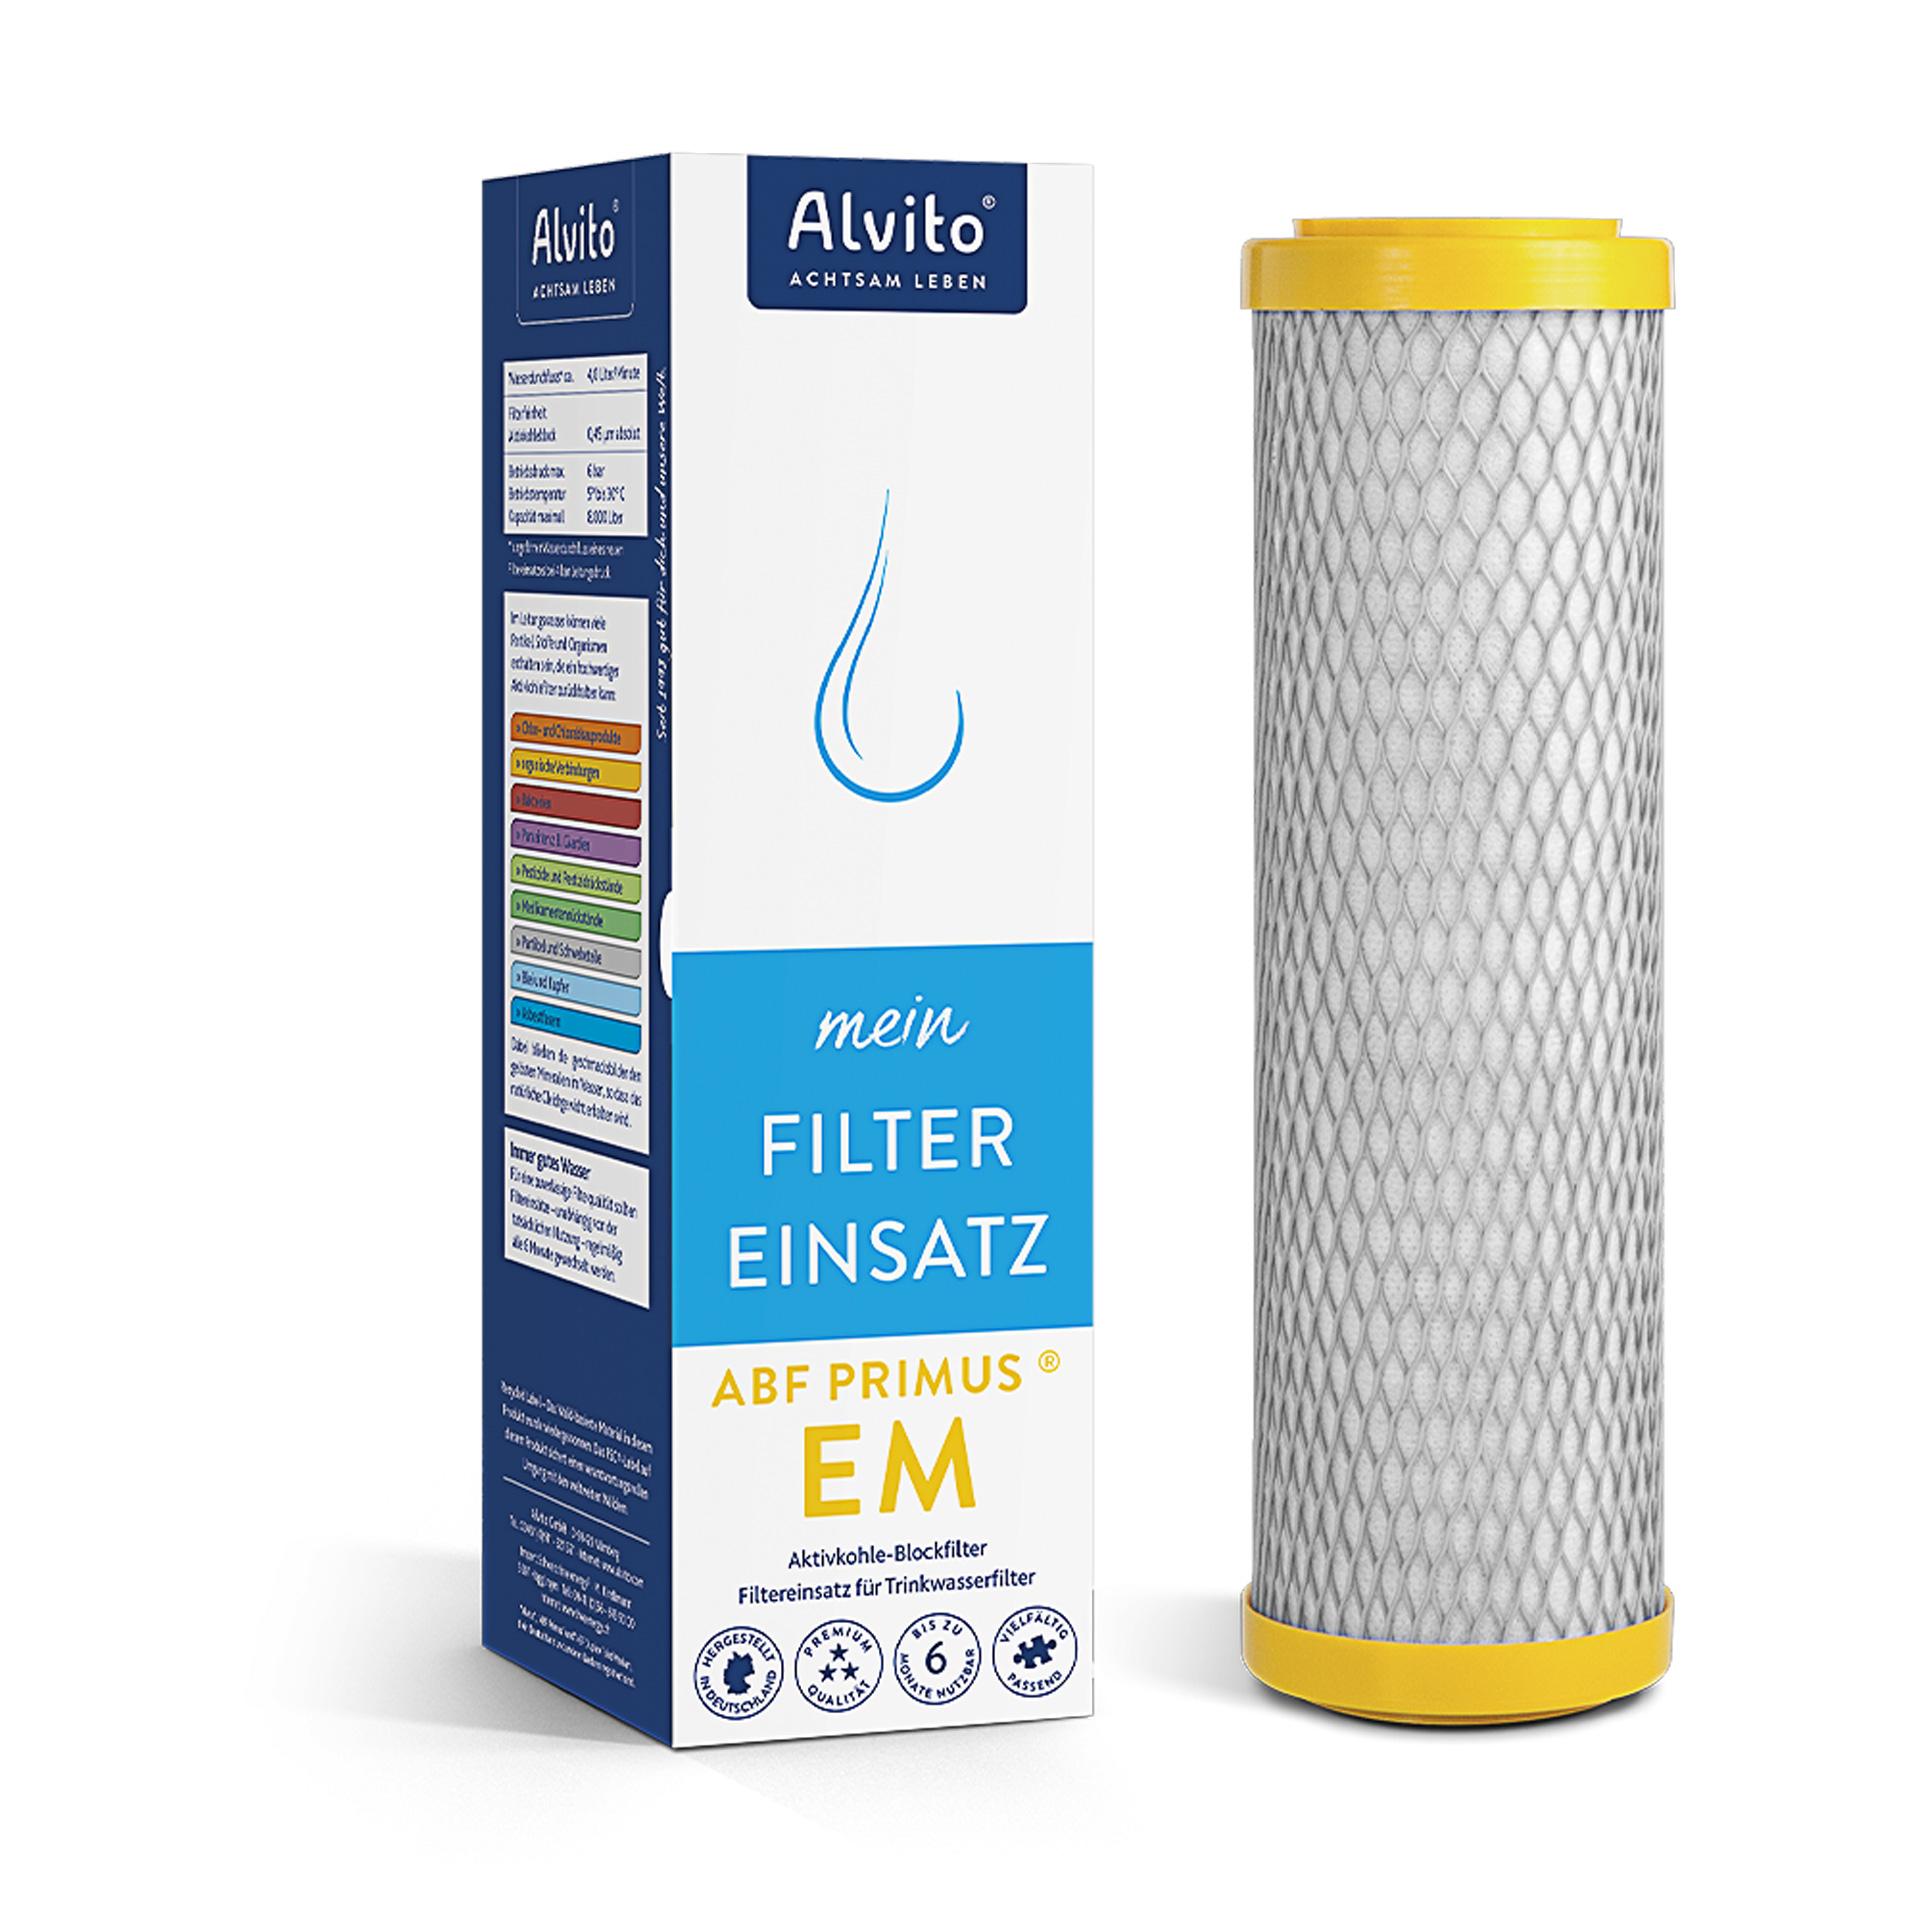 Alvito ABF Filtereinsatz Primus EM